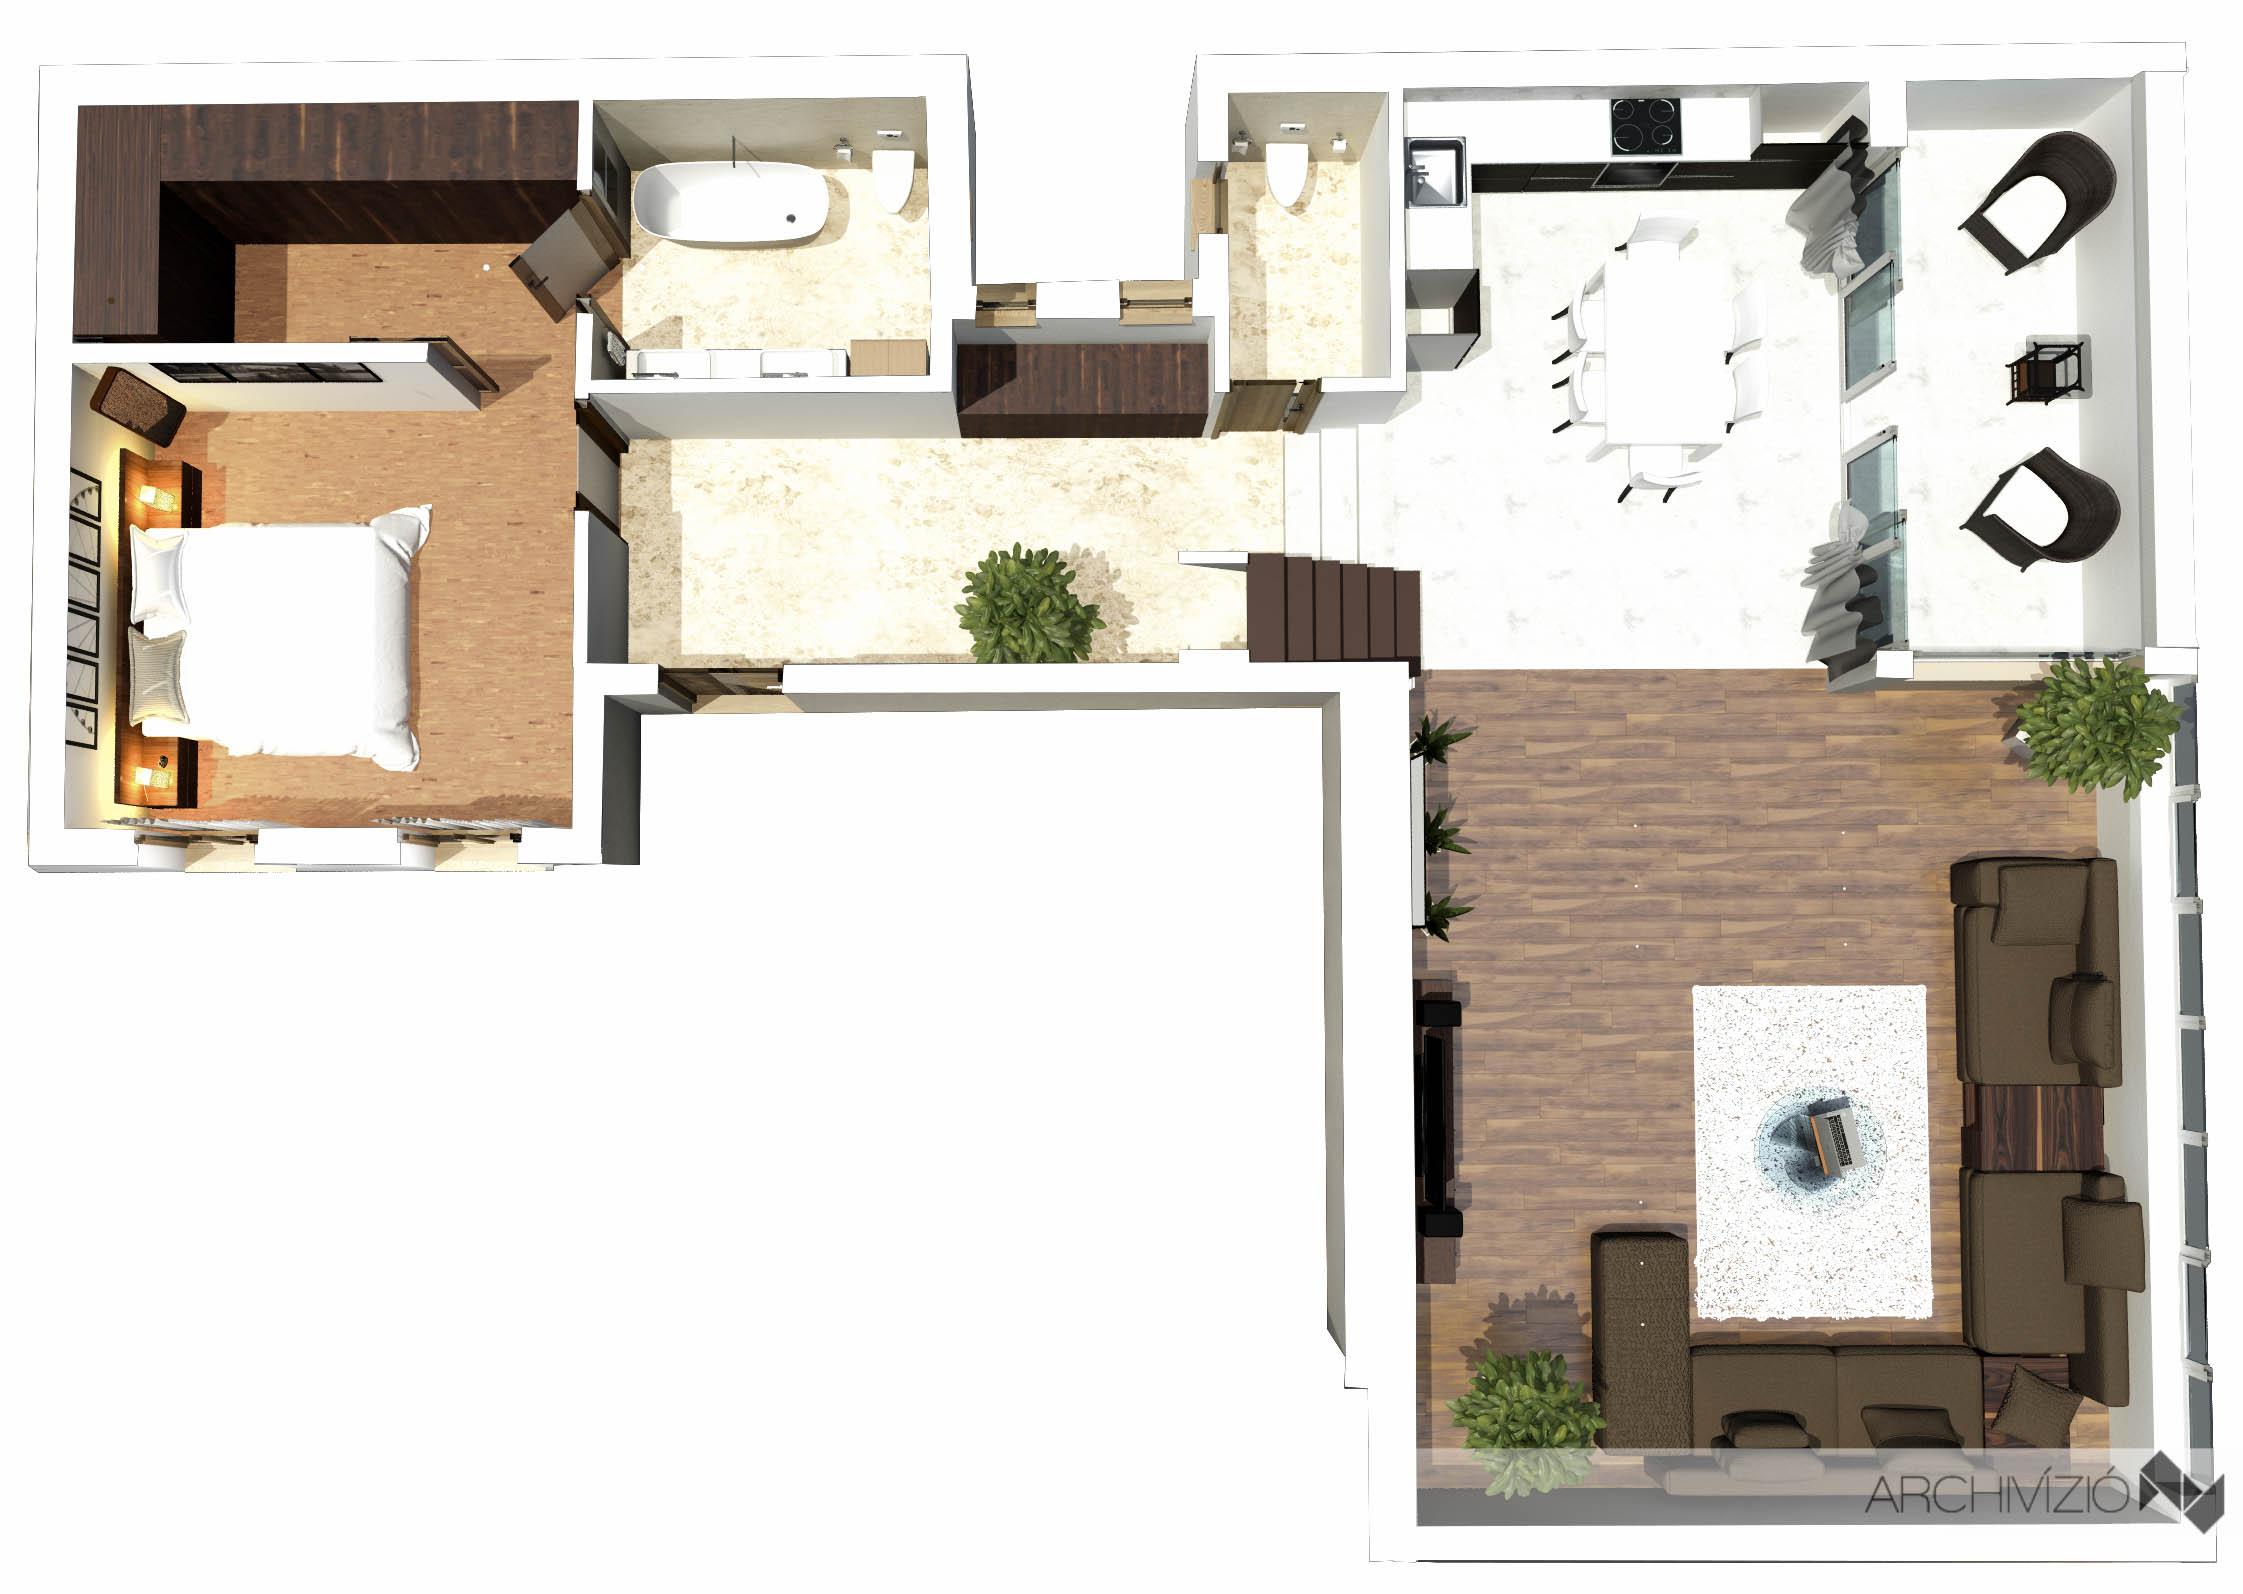 1. lakás - földszint